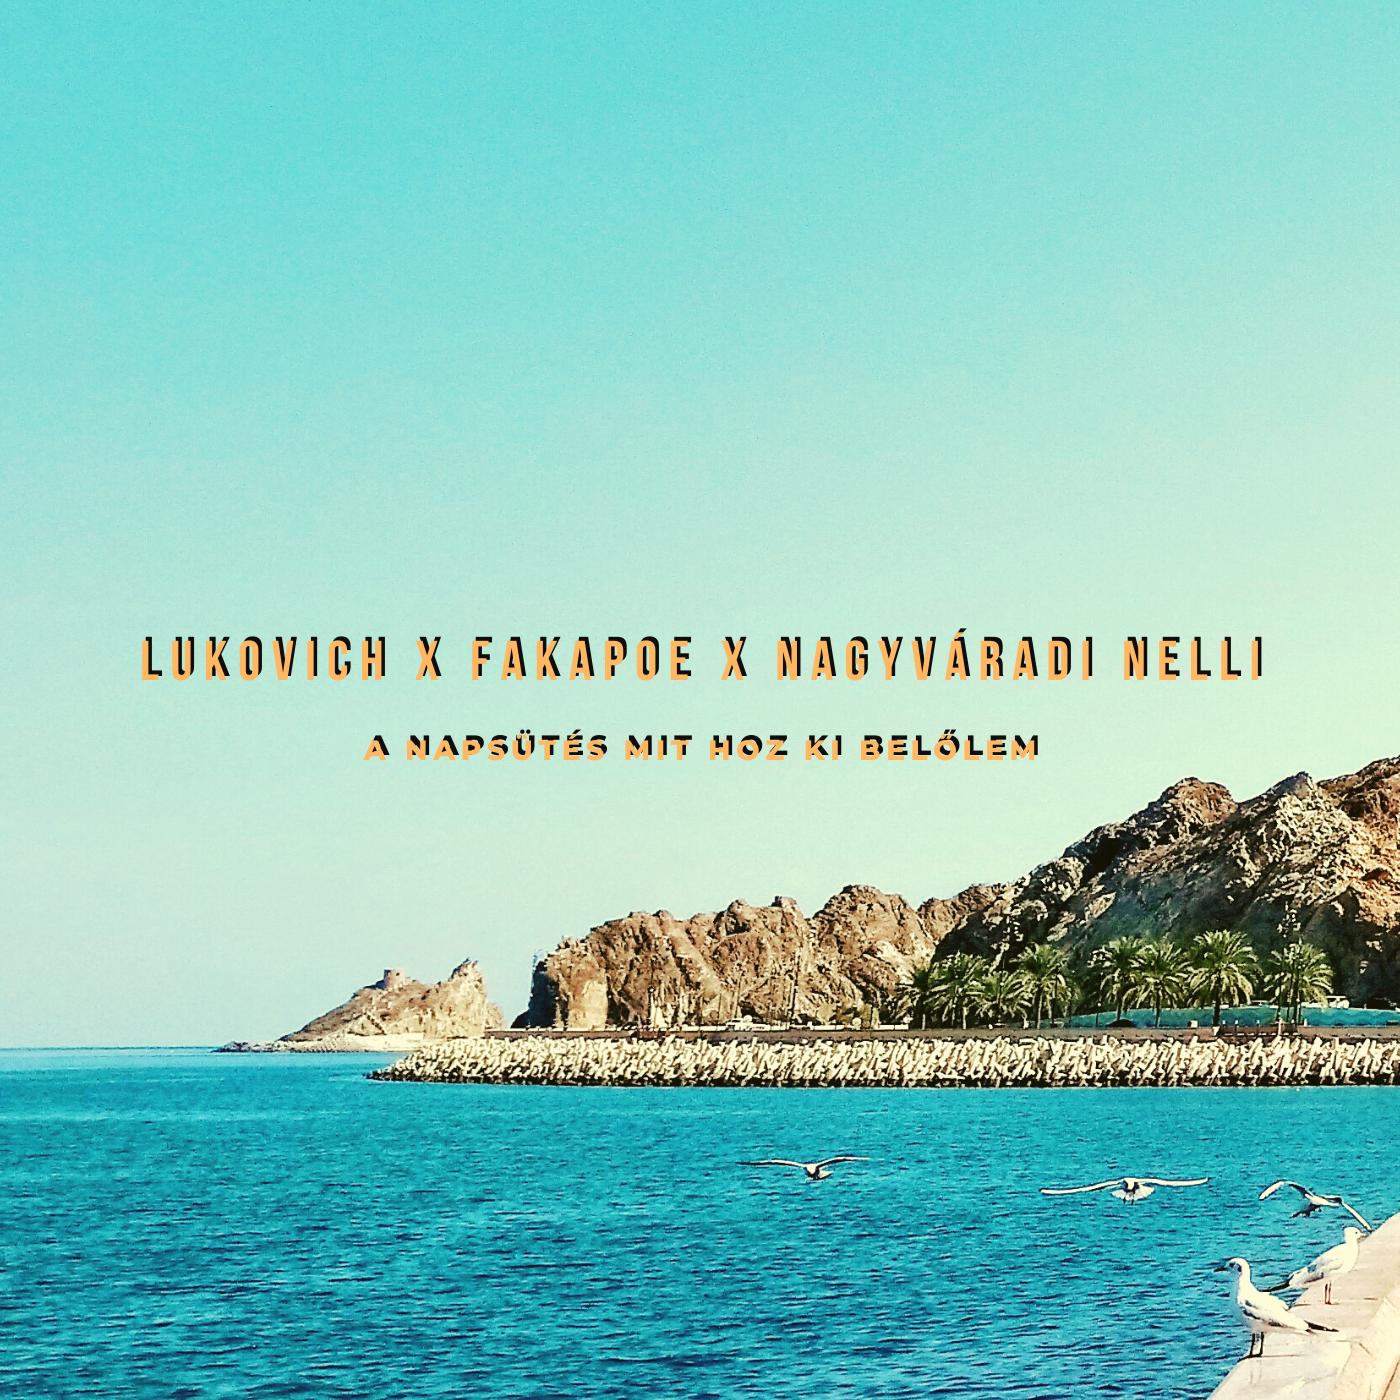 lukovich_x_fakapoe_x_nagyvaradi_nelli_cover.png